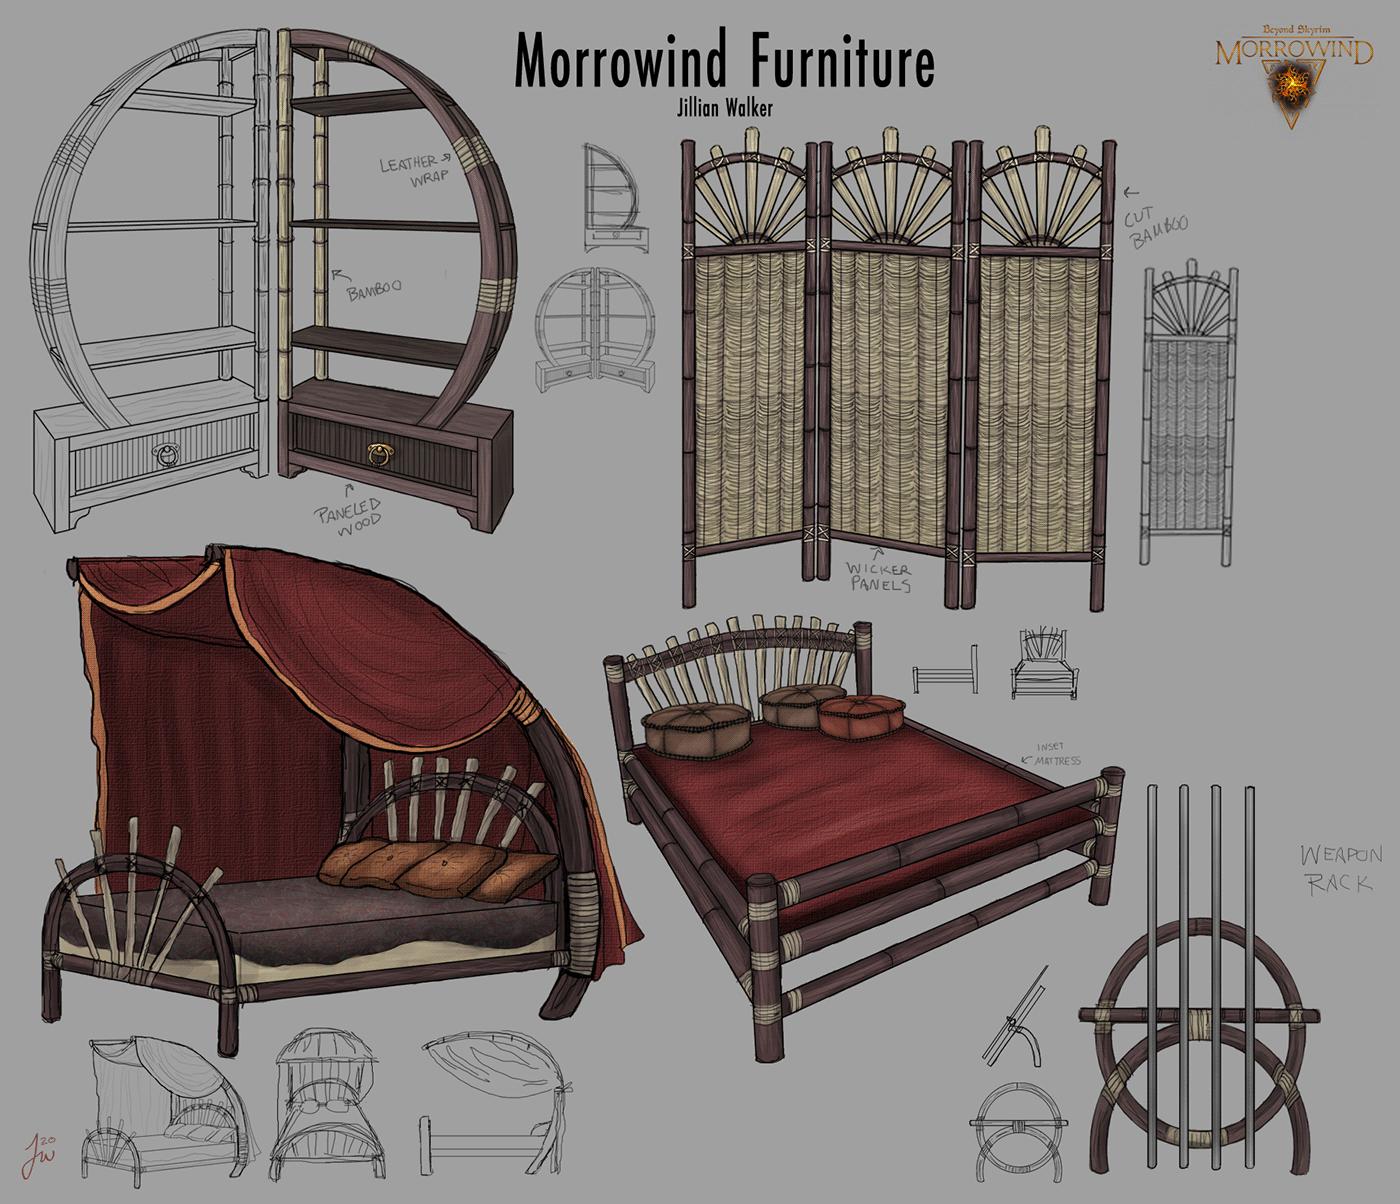 MorrowindFurniture2